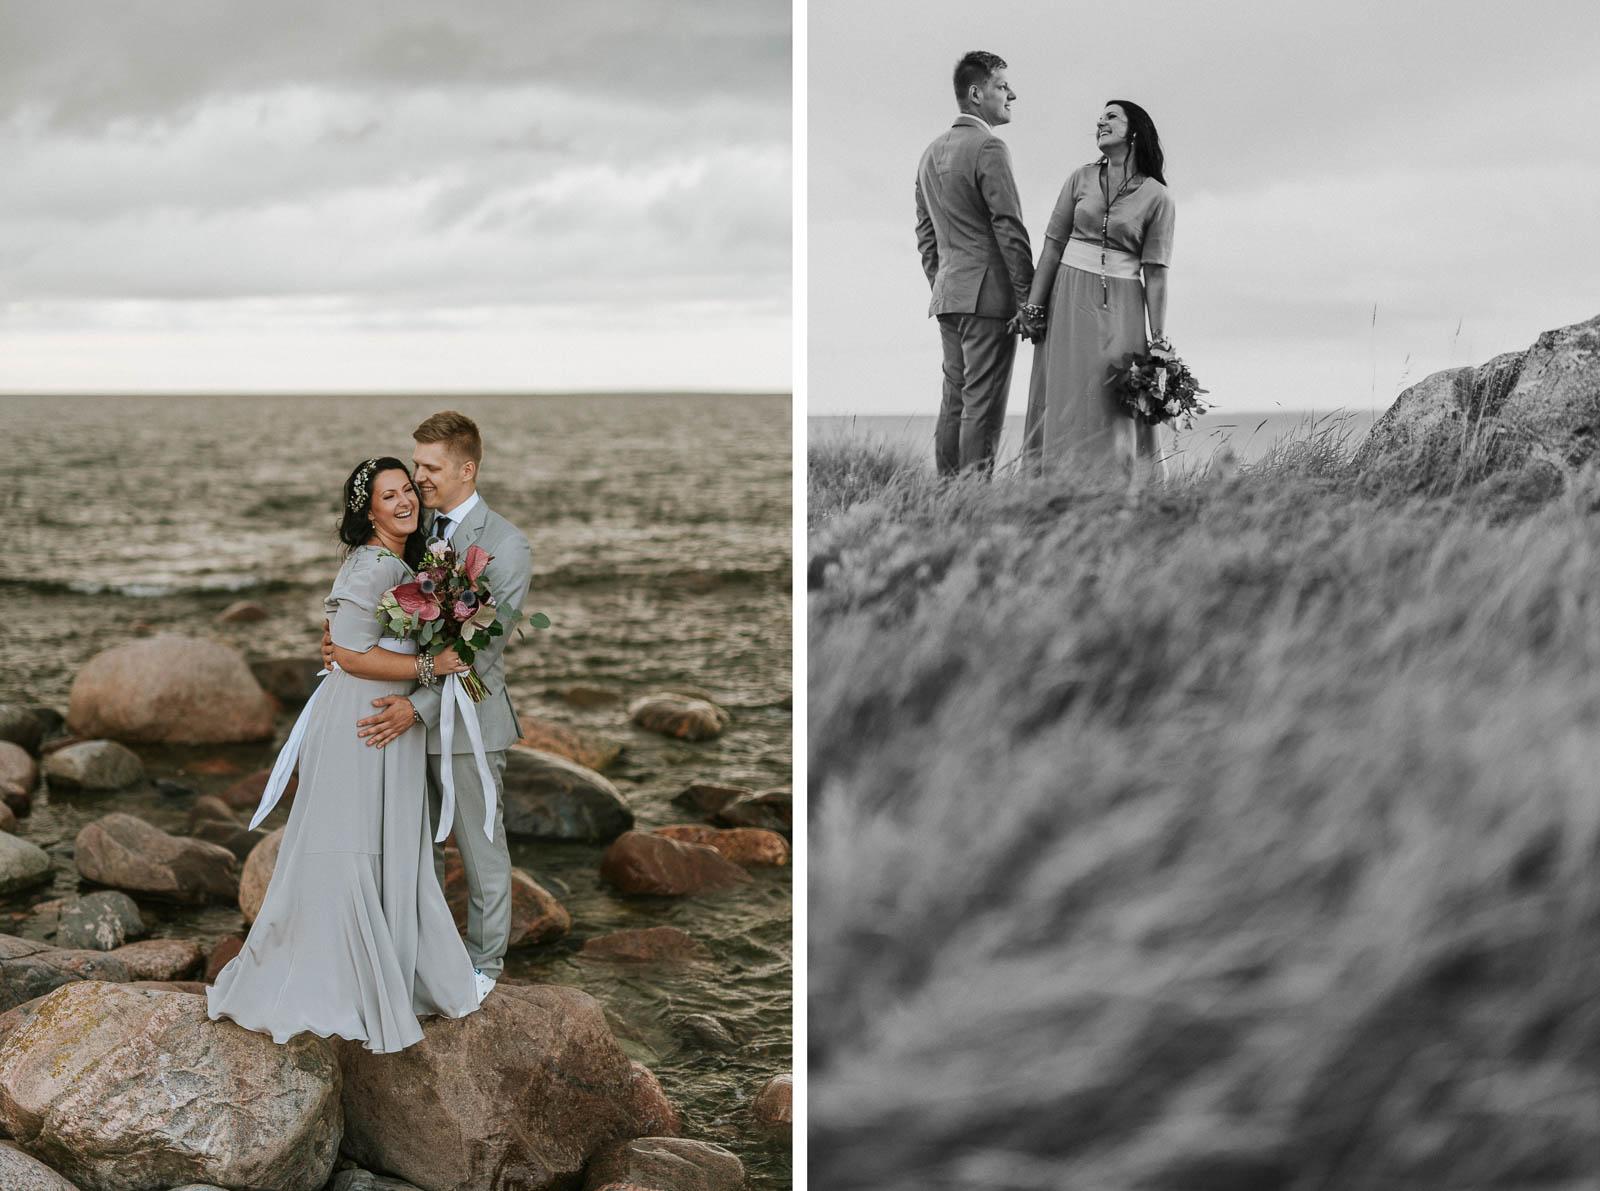 mari-liis-rannes-wedding-pulm-pulmafotograaf-mait-juriado-17